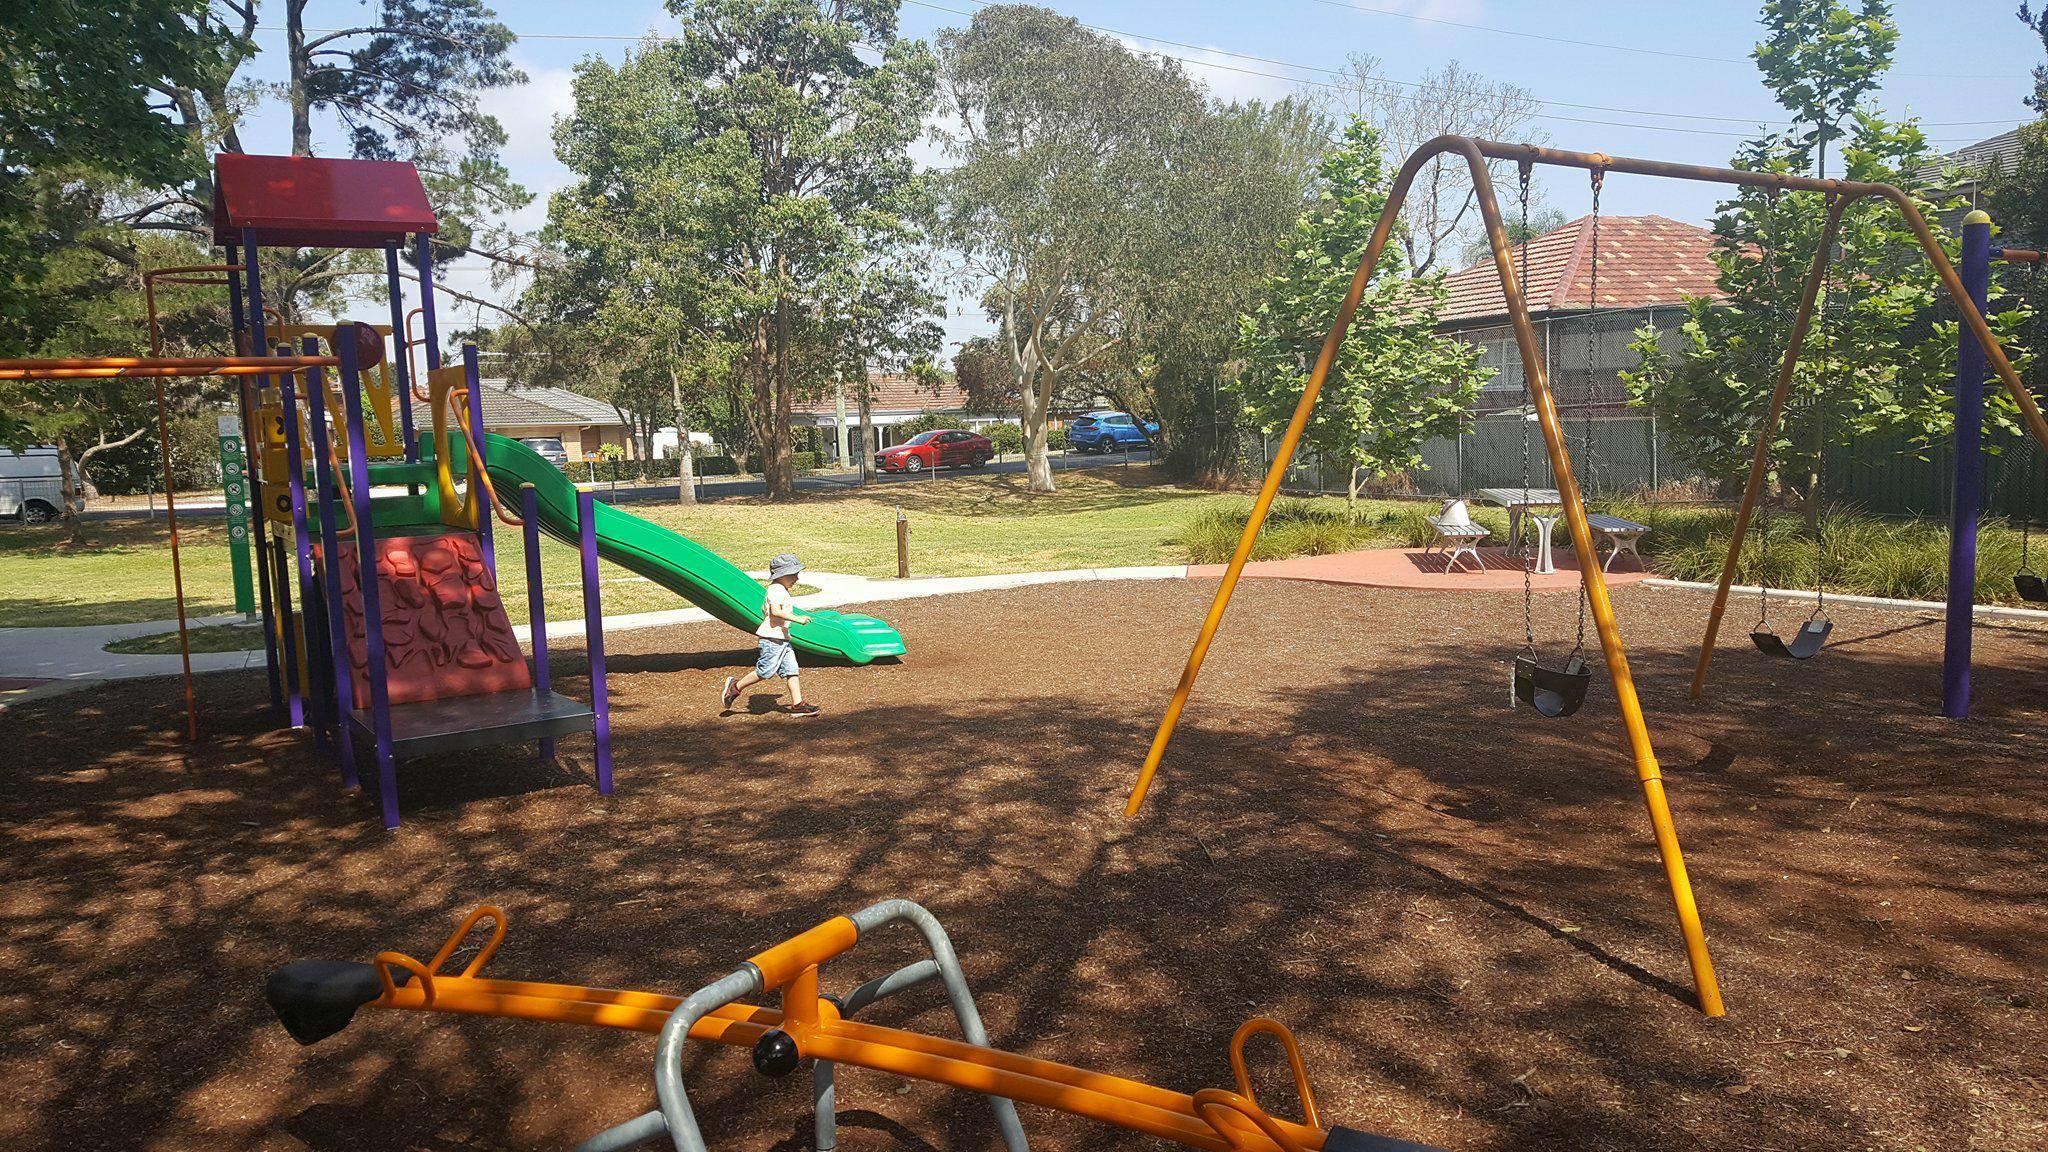 Watts Park